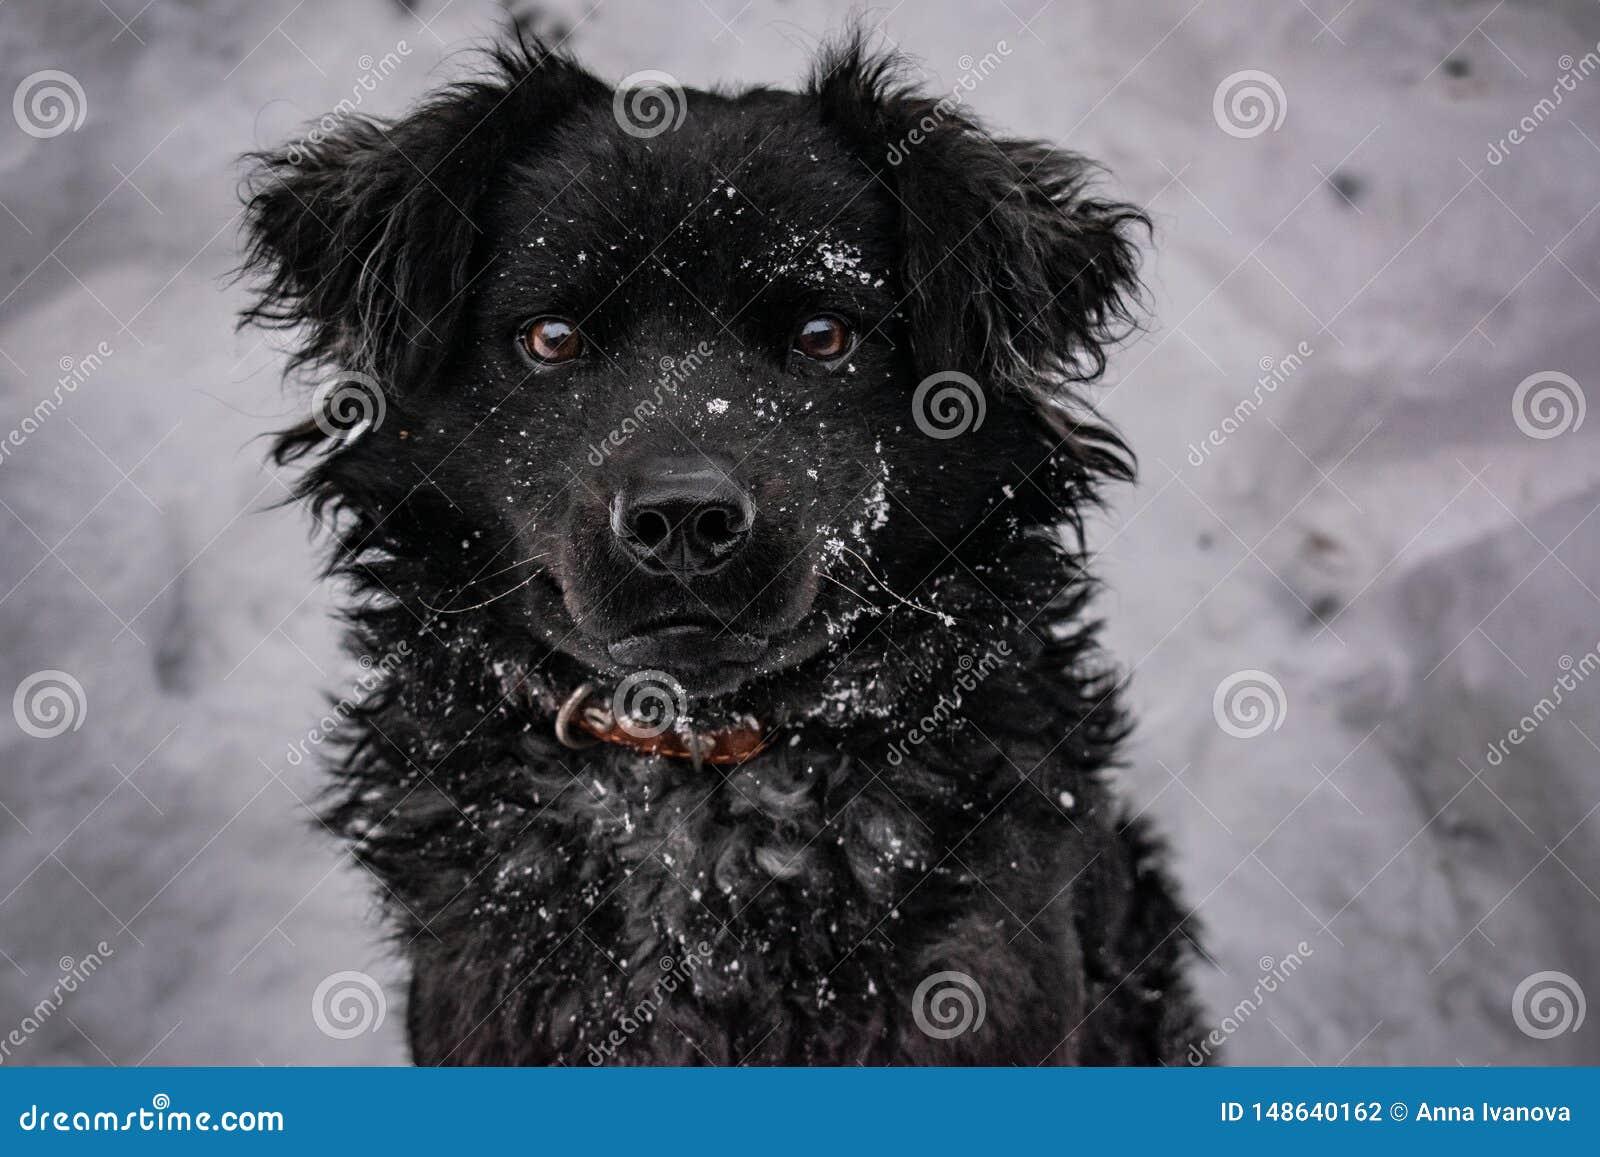 C?o de jarda preto, com cabelo desgrenhado, perdigueiro inverno, tempo gelado e muita neve branca